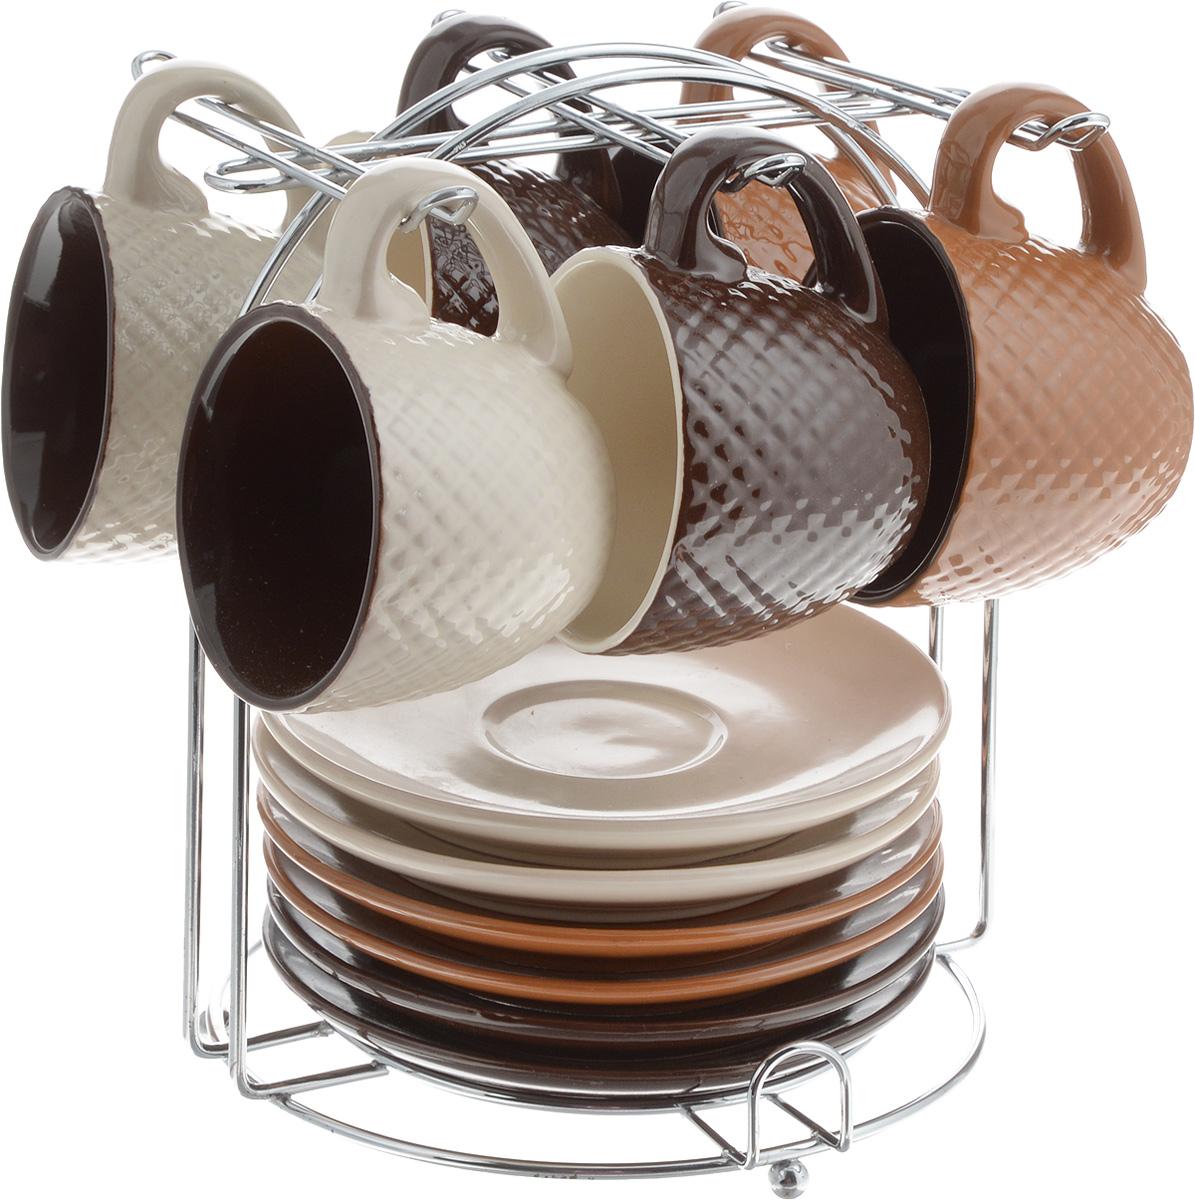 Набор кофейный Loraine, на подставке, 90 мл, 13 предметов. 24667Аксион Т-33Кофейный набор Loraine состоит из 6 чашек и 6 блюдец, выполненных из высококачественного керамики. Изящный дизайн придется по вкусу и ценителям классики, и тем, кто предпочитает утонченность и изысканность. Он настроит на позитивный лад и подарит хорошее настроение с самого утра. Изделия расположены на металлической подставке. Диаметр блюдца: 11,5 см.Высота блюдца: 1,5 см.Диаметр чашки (по верхнему краю): 6,5 см.Высота чашки: 5 см.Объем чашки: 90 мл.Размер подставки: 15 х 15 х 17 см.